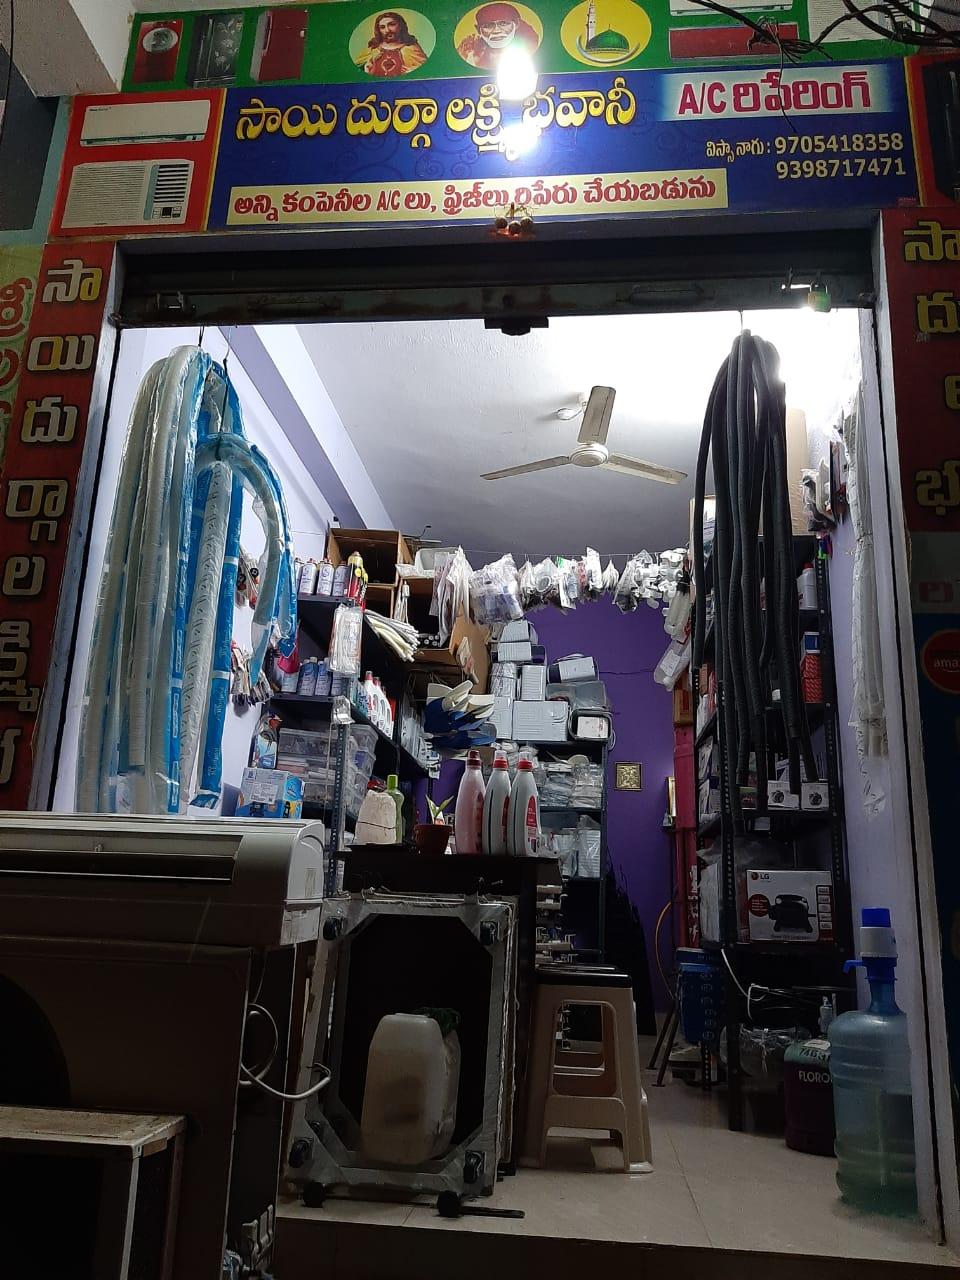 S.D.L.Bhavani(A/C Service)